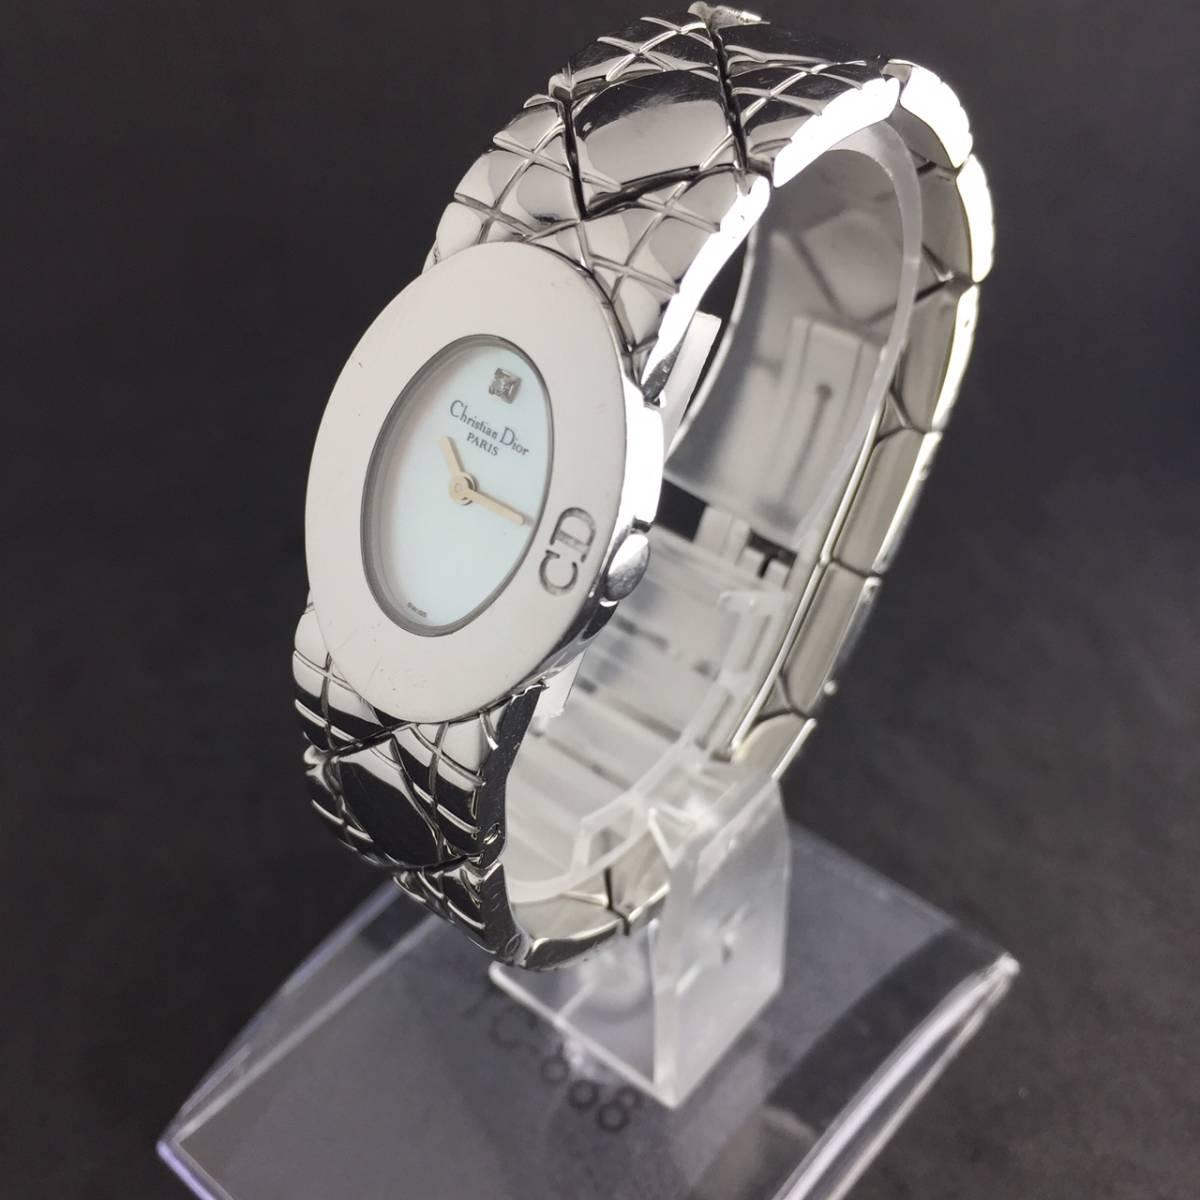 【1円良品】Christian Dior クリスチャン ディオール 腕時計 レディース D90-100 1P ダイヤ シェル文字盤 稼動品_画像5